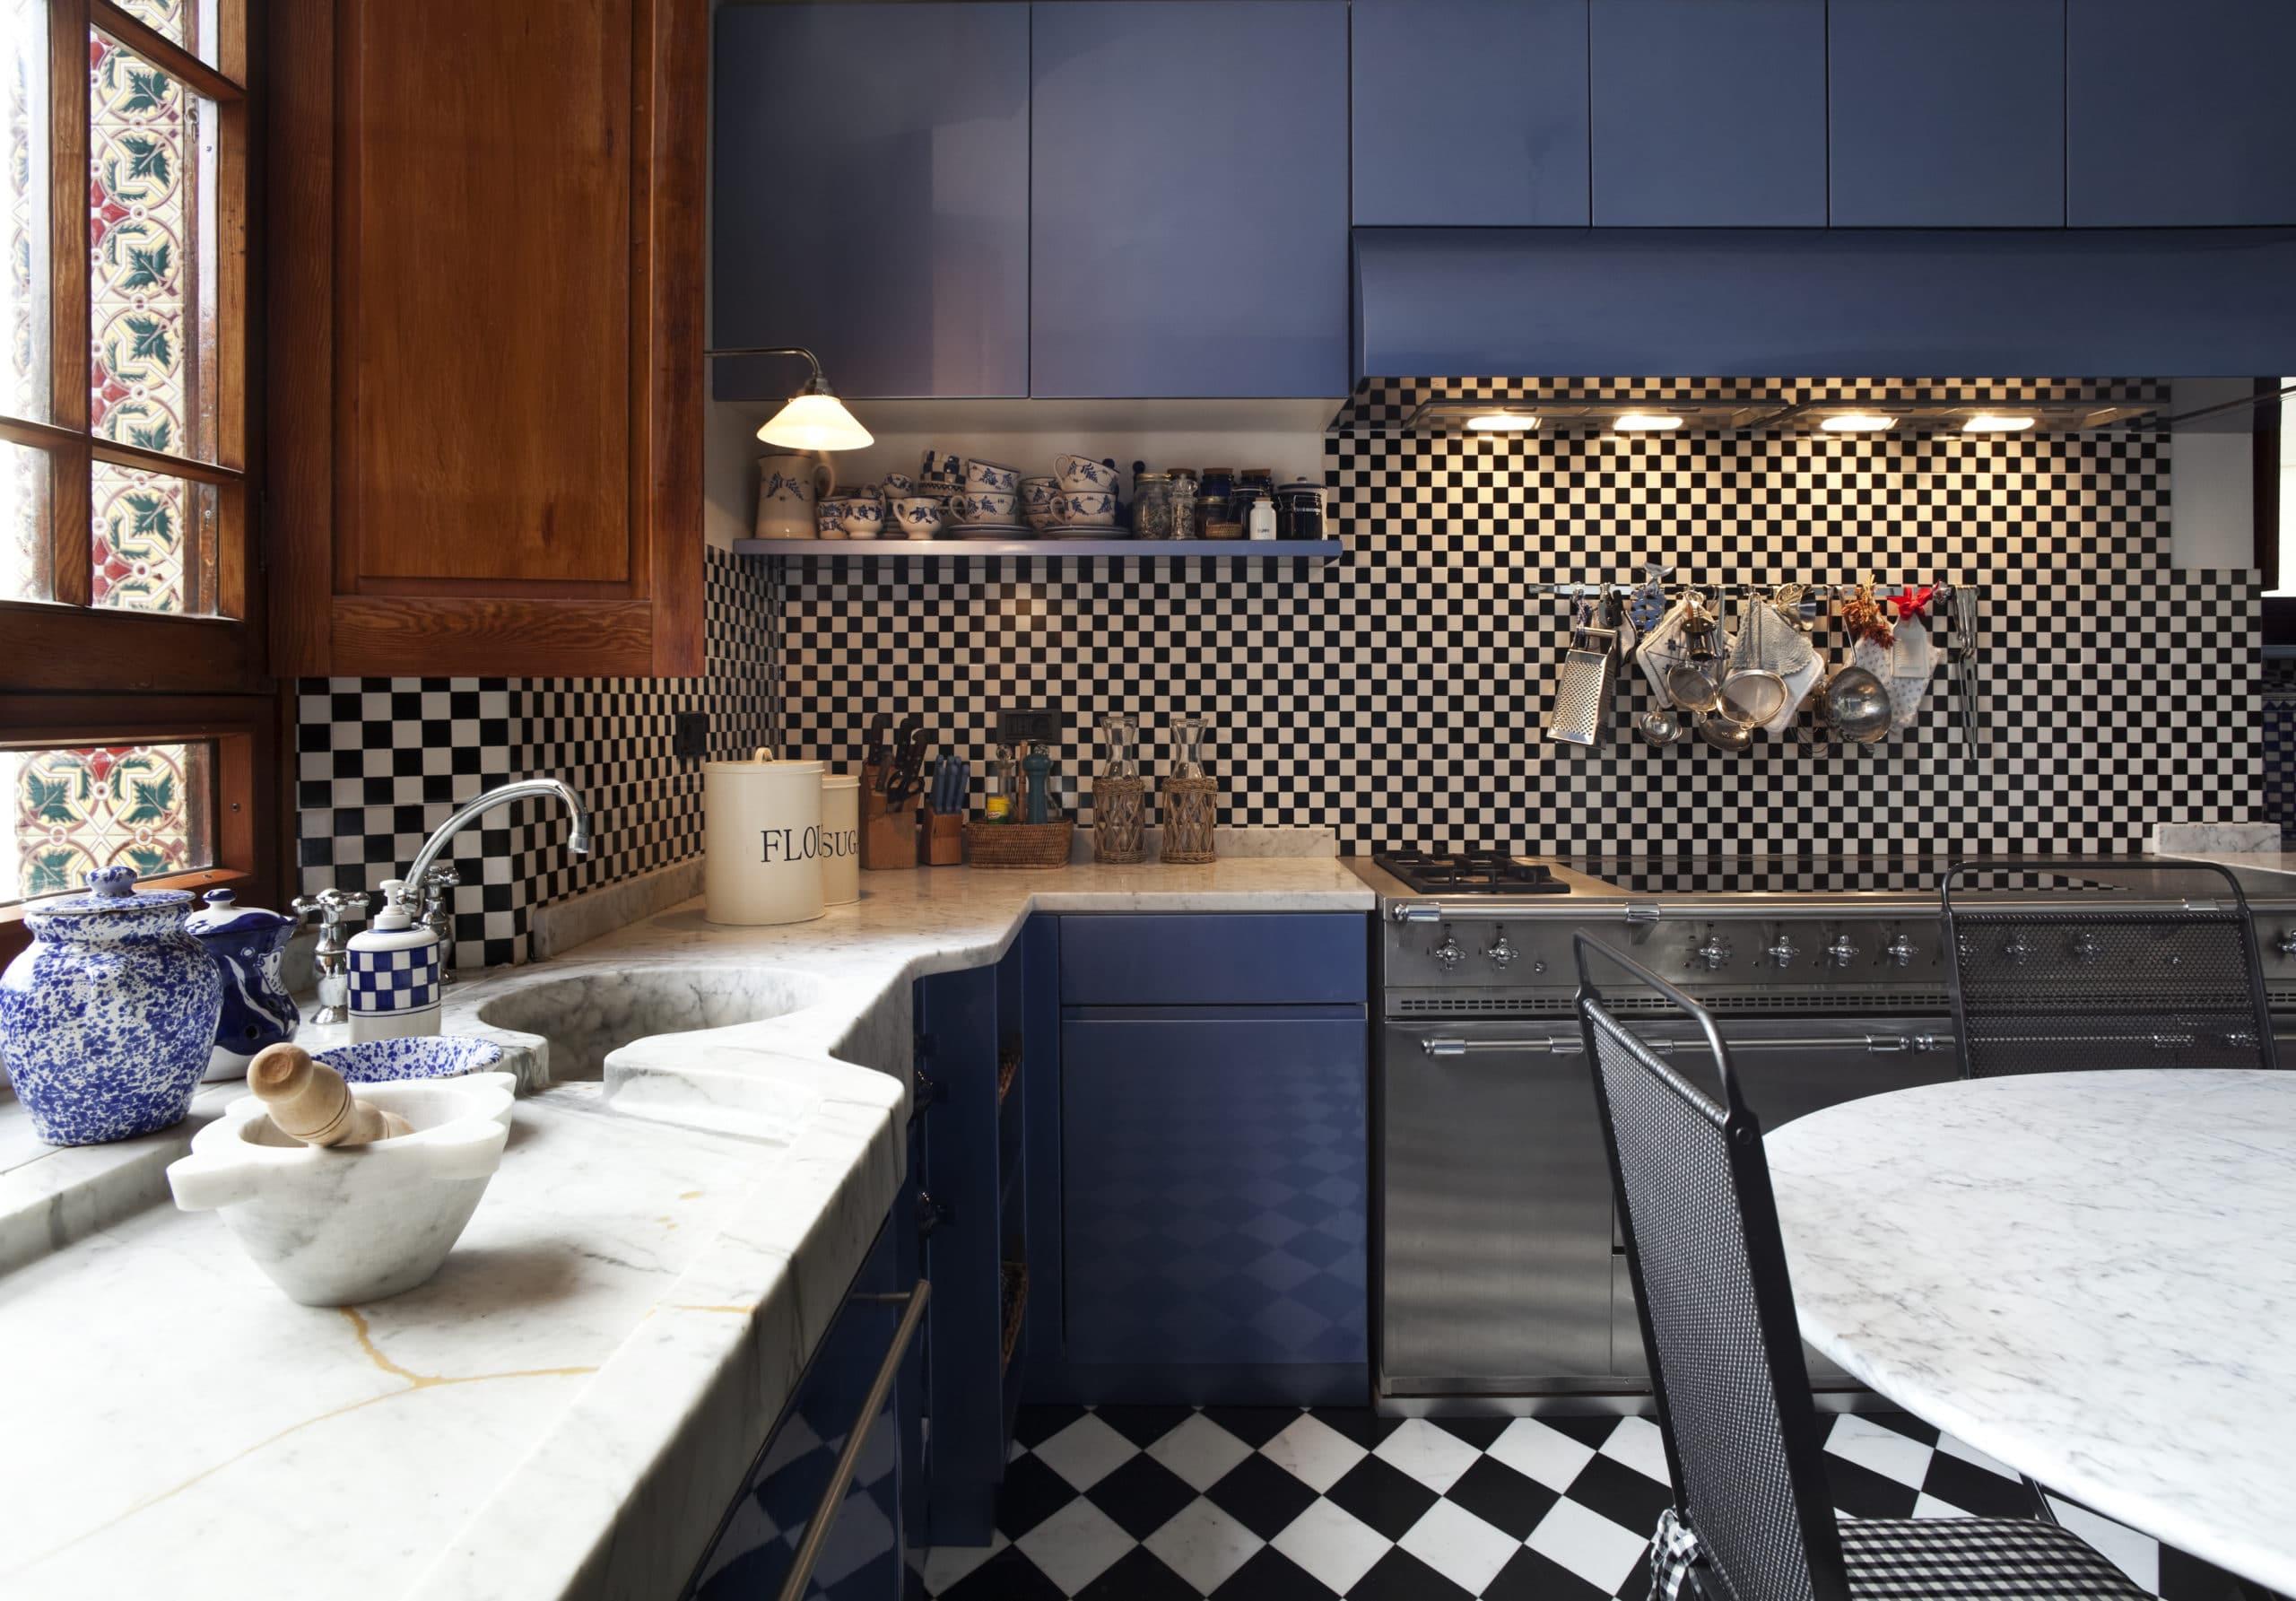 מטבחים כפריים חברות לעיצוב וייצור מטבחים יוקרתיים נותנים אחריות לעבודתם עם הרבה ידע בתחום השירות ואספקת מטבחים שיודעים לספק פתרונות להתאמת תנורים גדולים לכל מטבח תוך כדי הפעלת המקרר והתנור ללקוח במטבח שלו